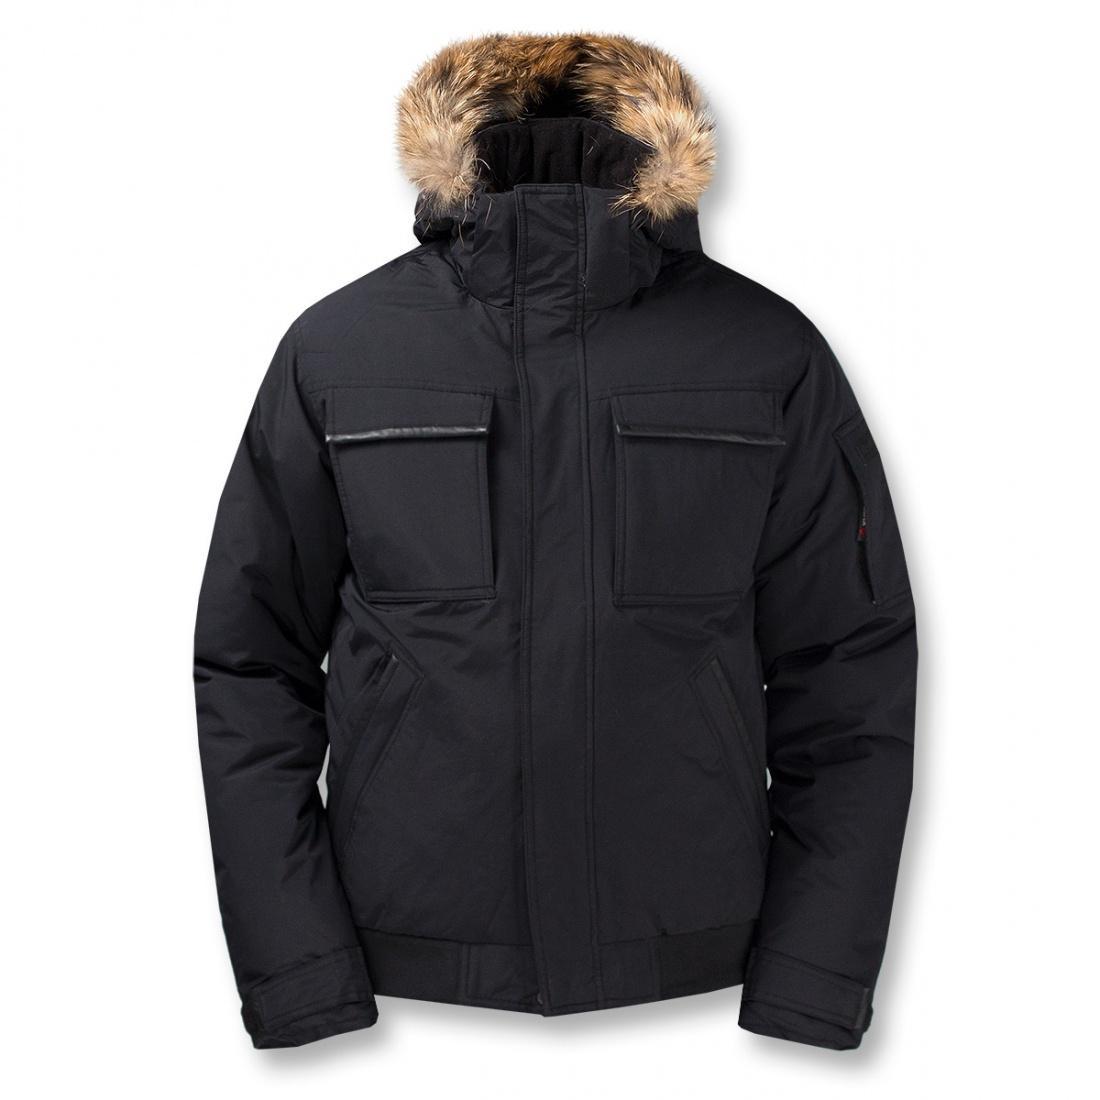 Куртка пуховая Logan IIКуртки<br>Укороченная мужская куртка с гусиным пухом. Непромокаемая верхняя мембранная ткань куртки для защиты пуха от влаги и укрепления теплозащи...<br><br>Цвет: Черный<br>Размер: 58